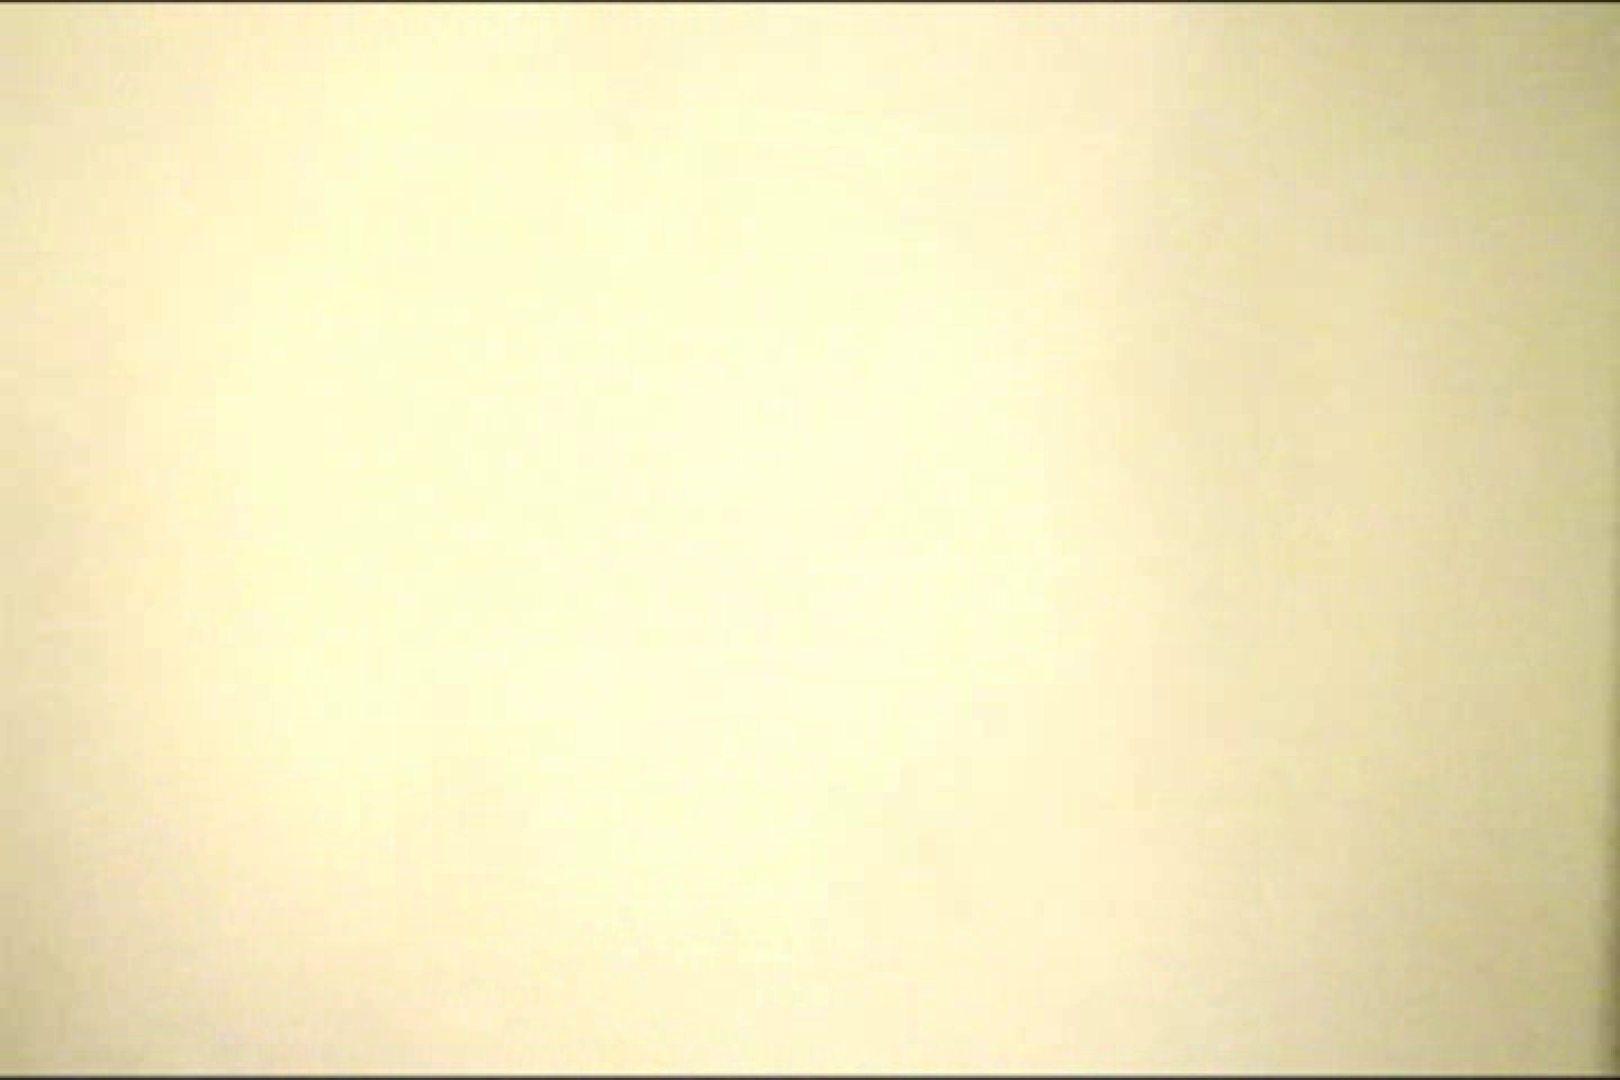 マンコ丸見え女子洗面所Vol.18 洗面所 われめAV動画紹介 102pic 93